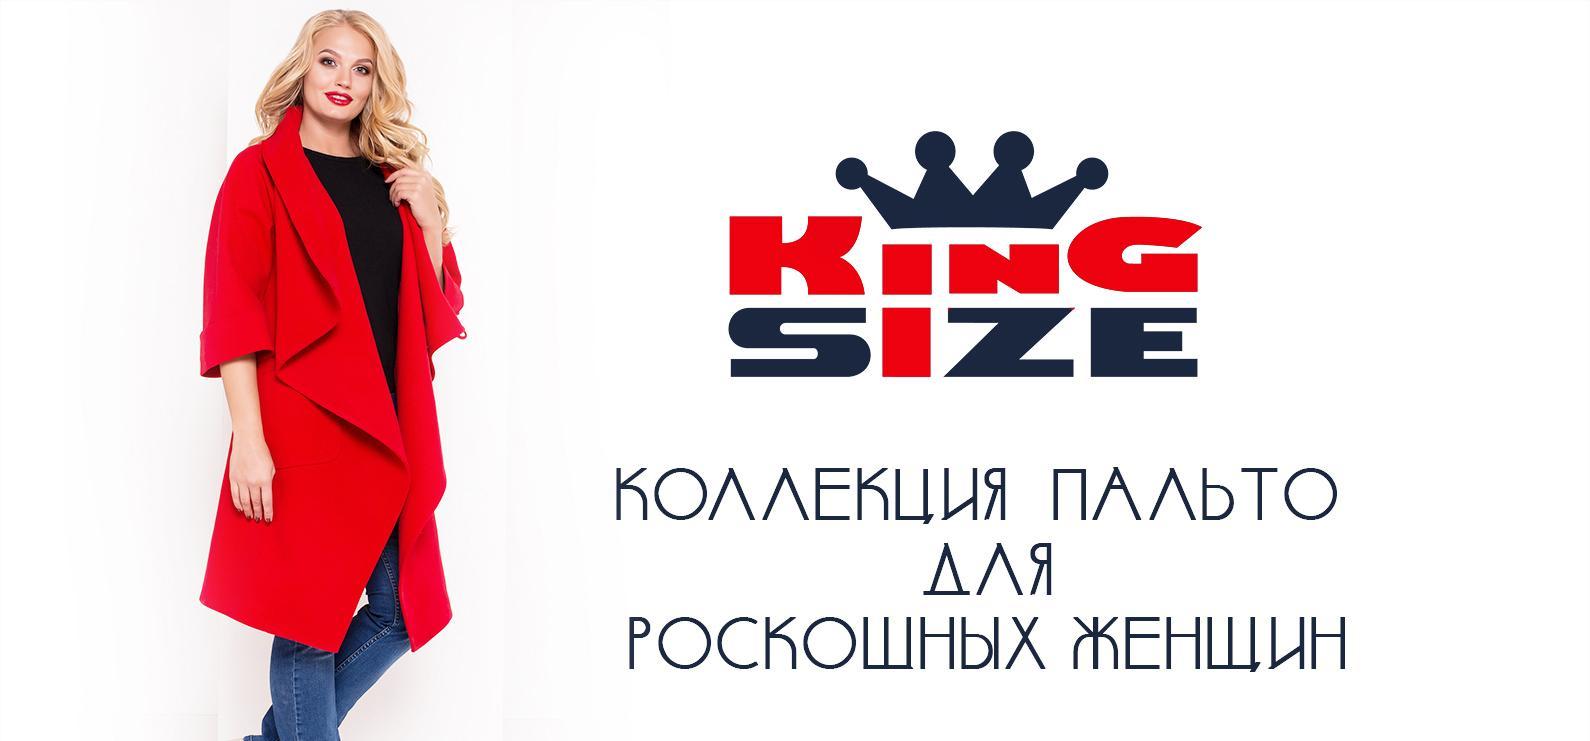 ff82a2d42376 1  2  3  4  5  6  7  8  9. Модный мир · Товары и услуги · Женская одежда  Одежда  больших размеров